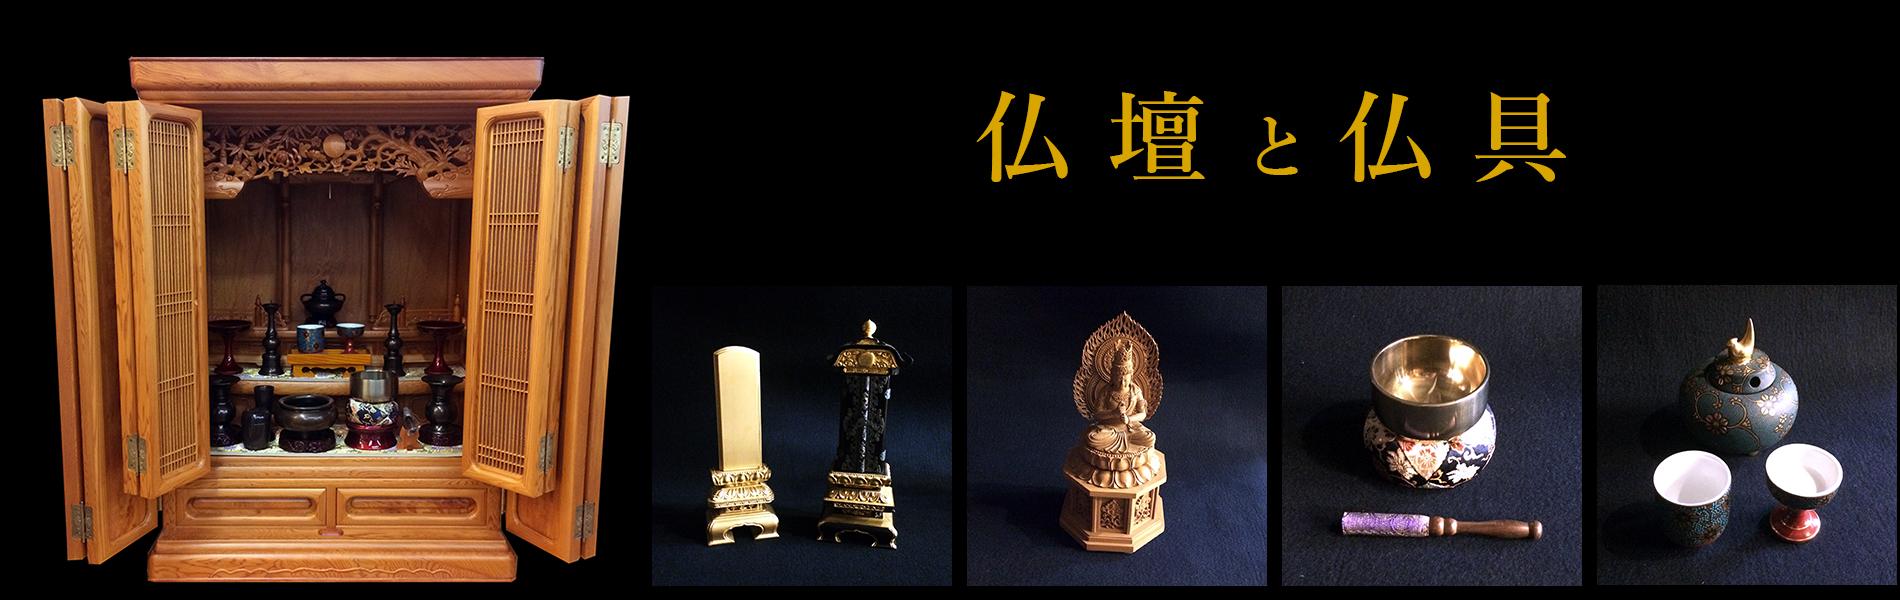 三香堂 仏壇と仏具